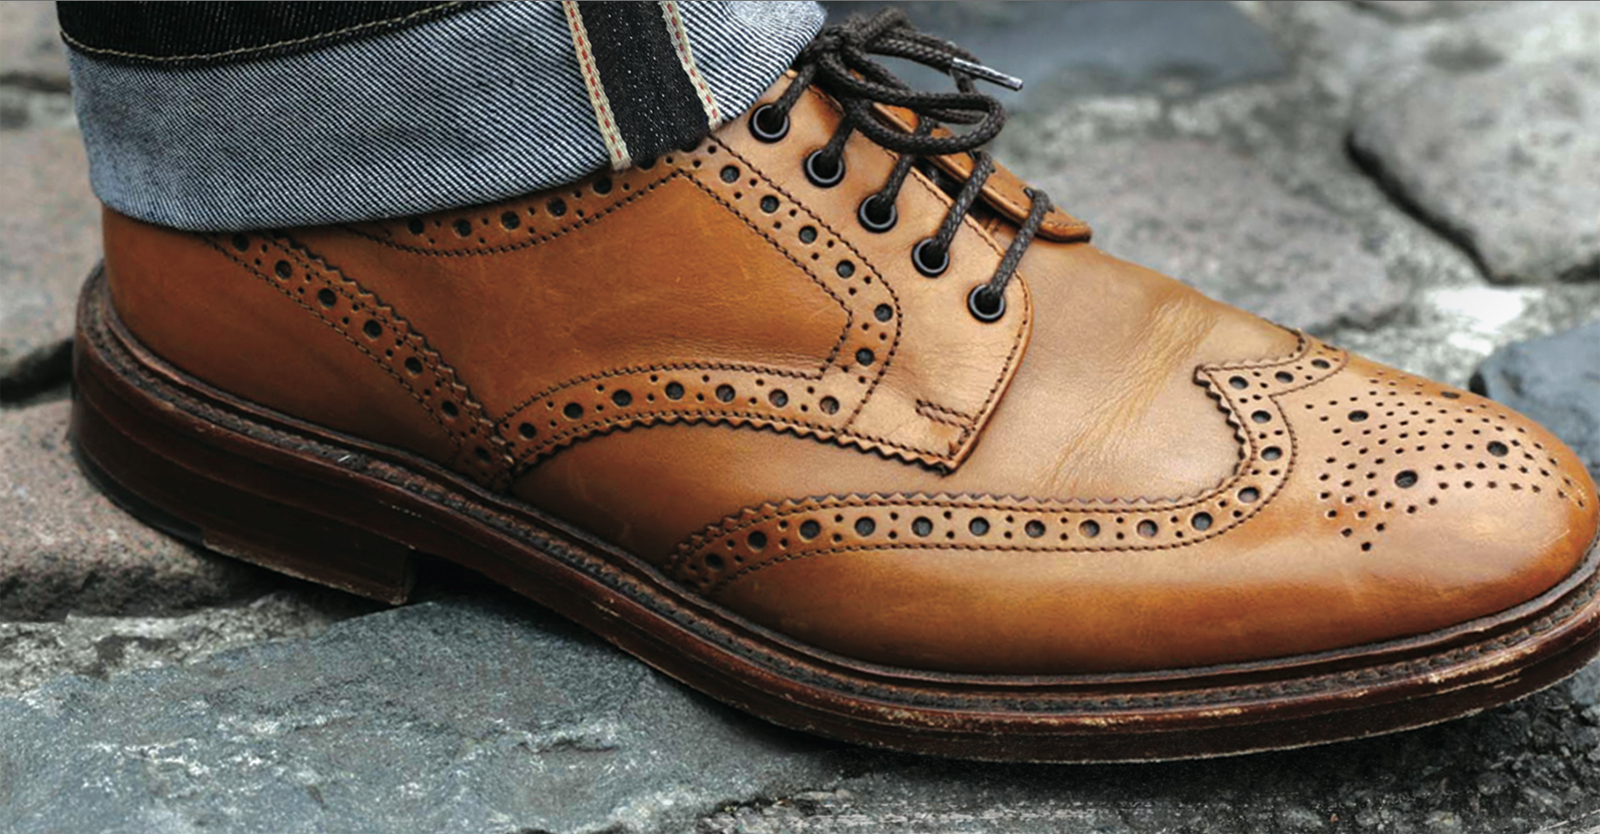 PRODUCING HANDMADE FOOTWEAR